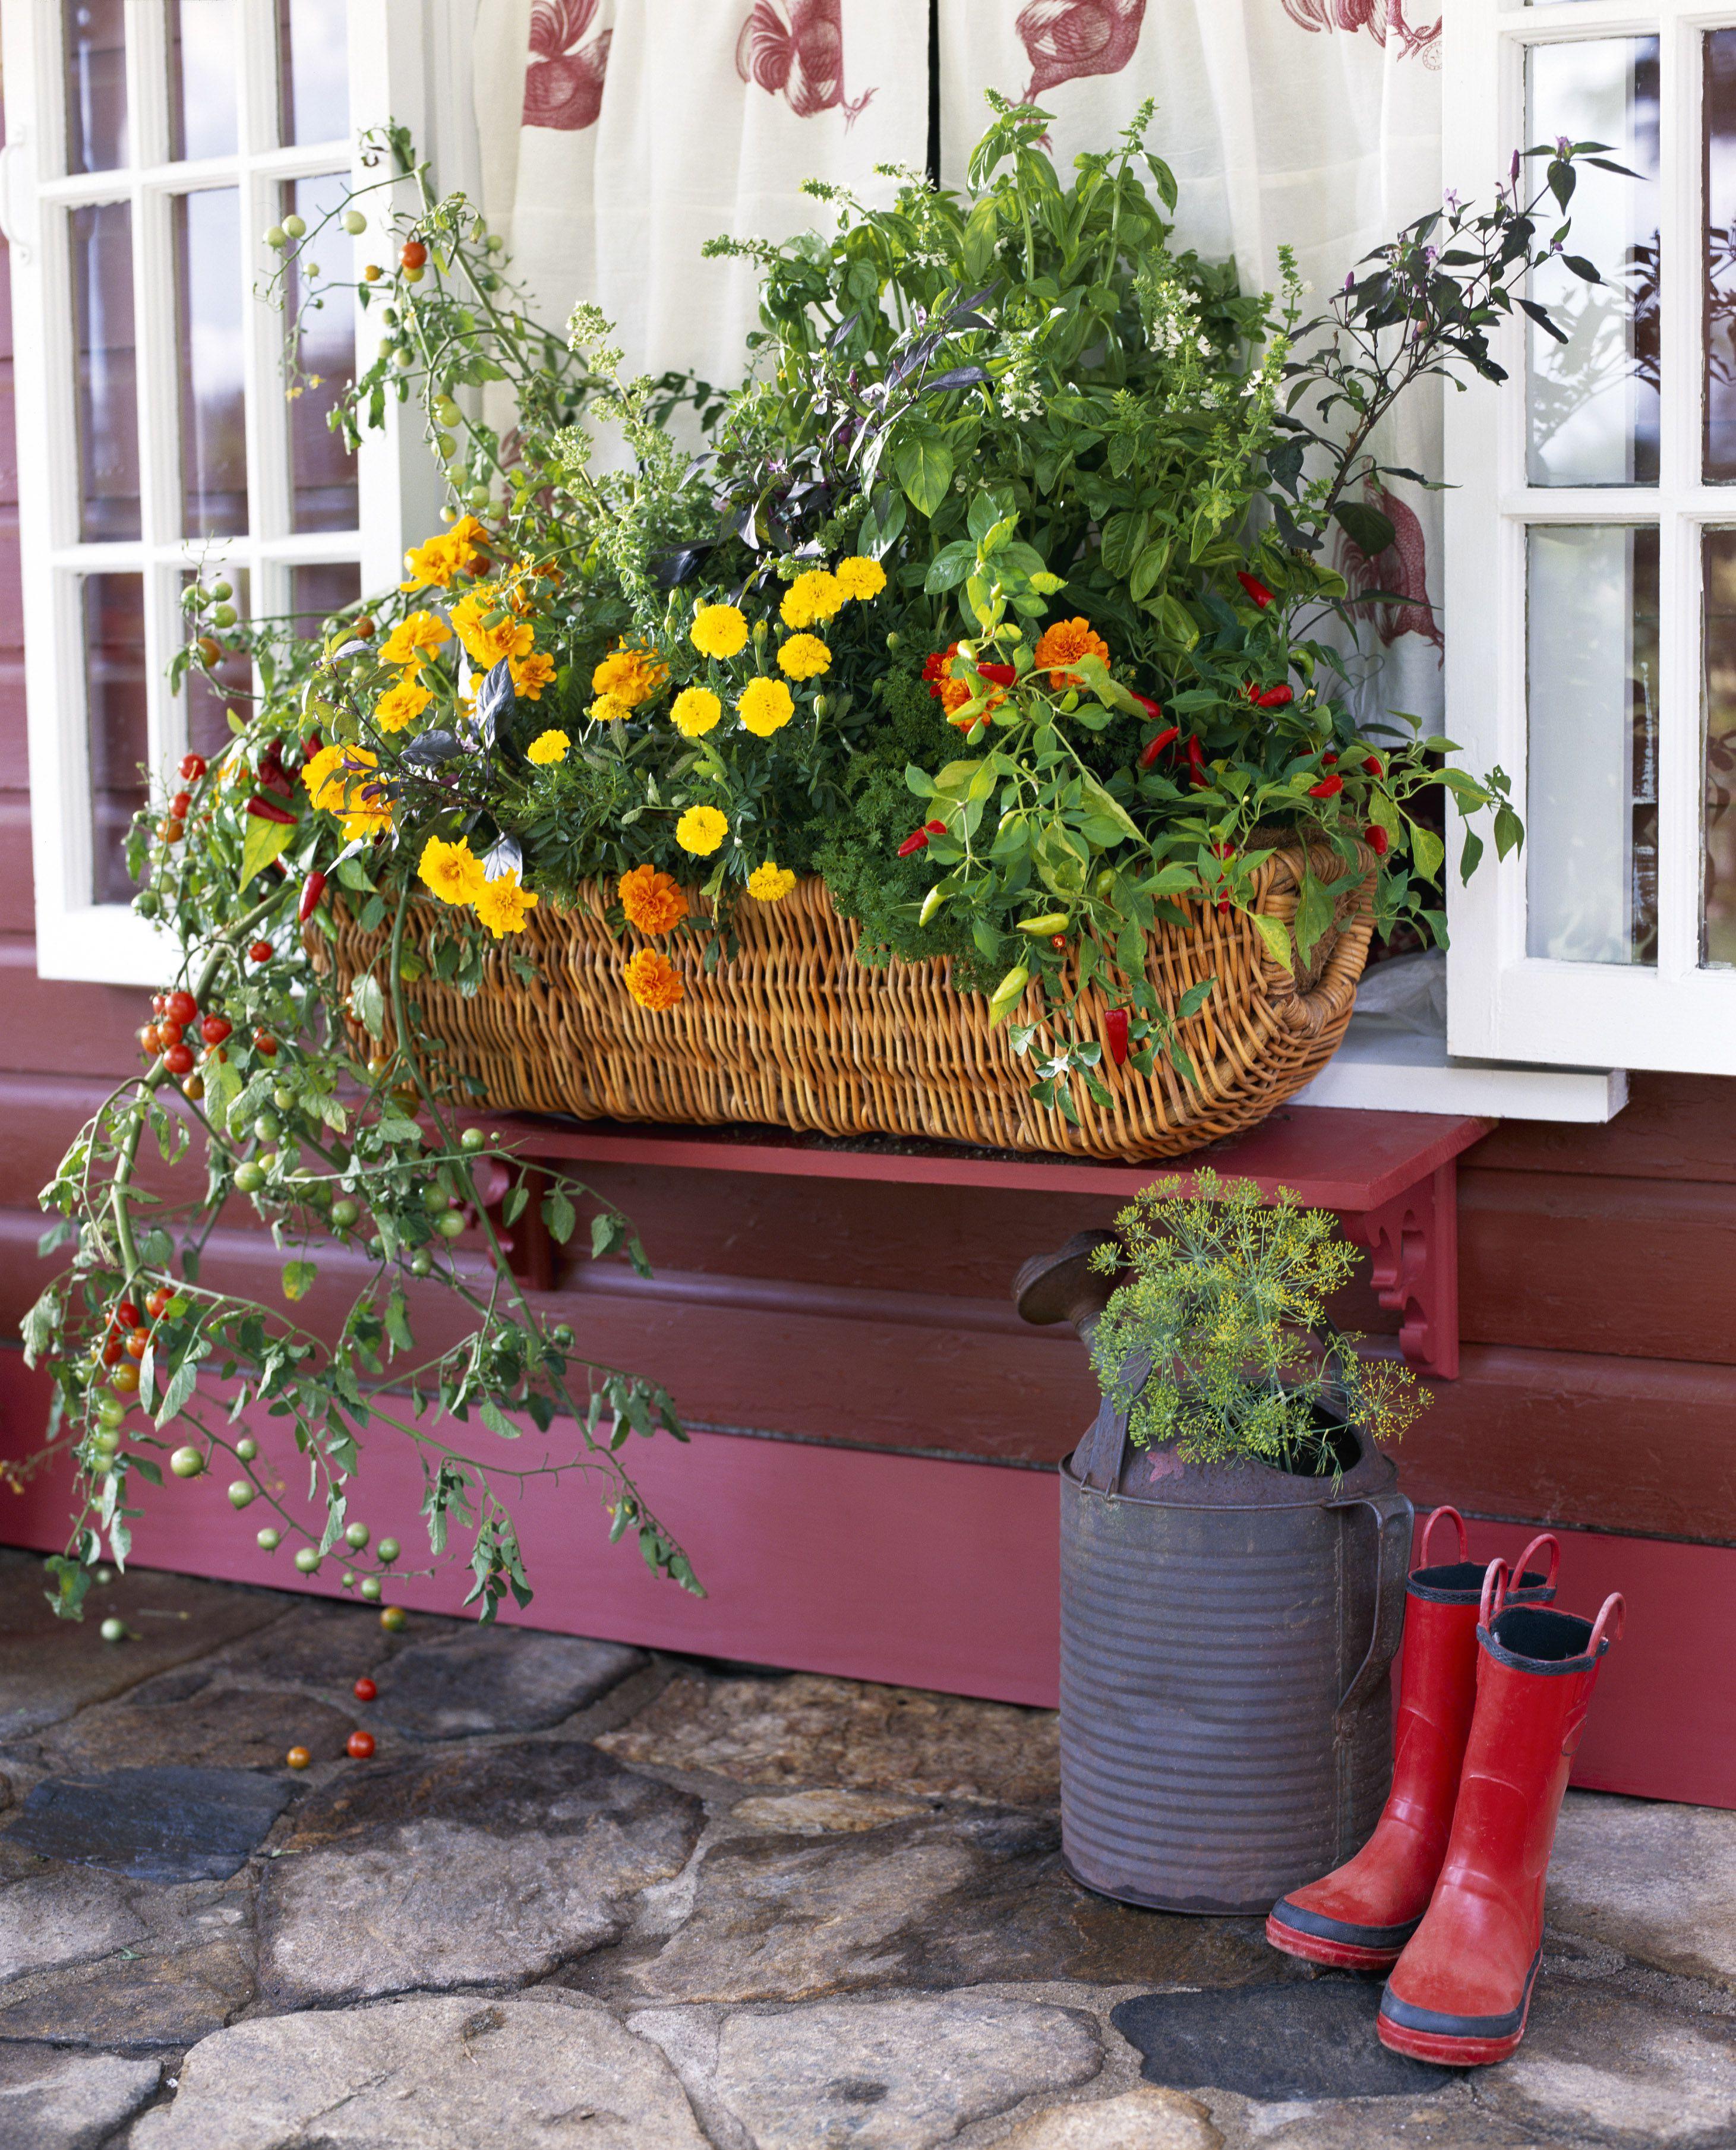 Flowering Vegetable Window Box